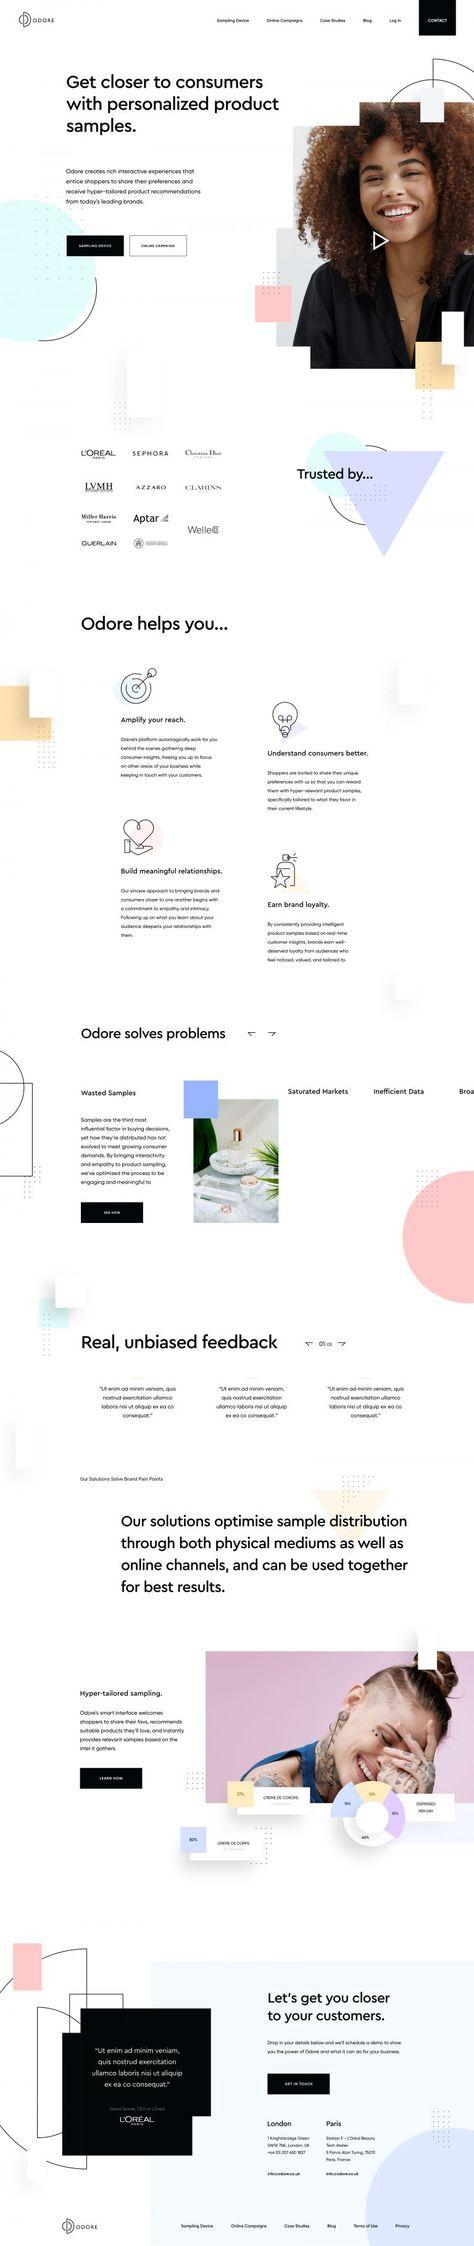 UI Design Inspiration 62 - Gillde | Design Inspiration